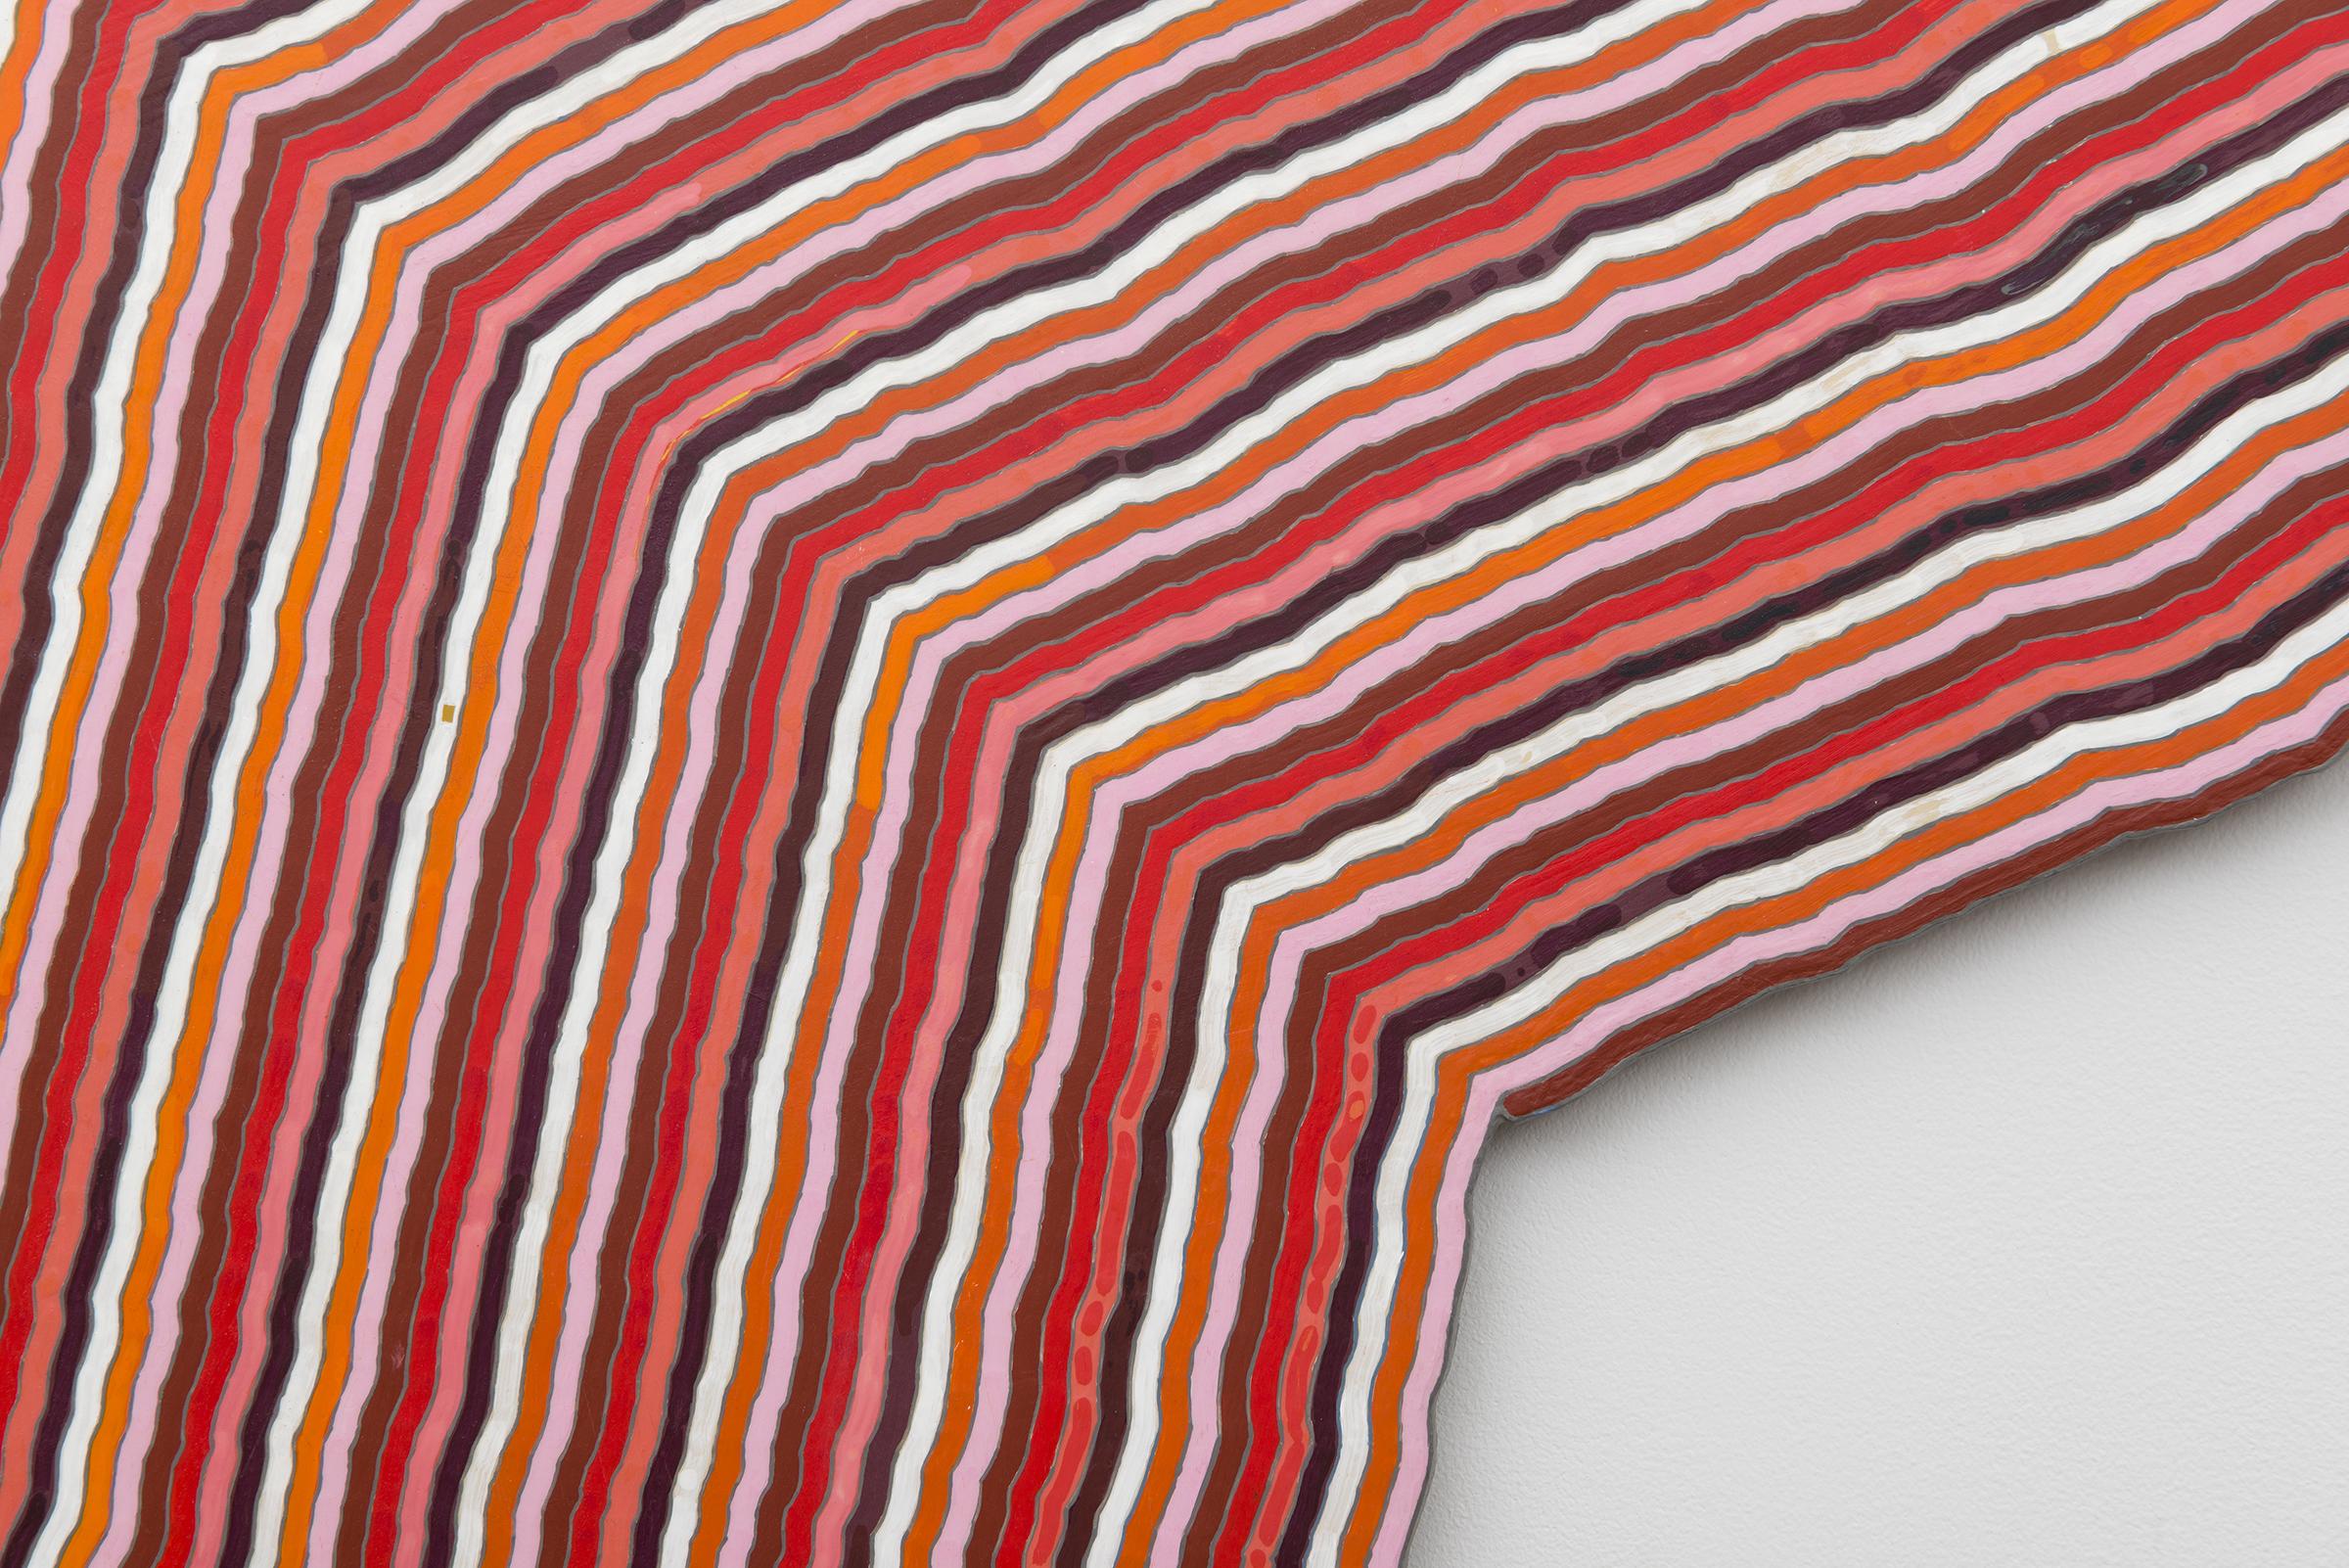 Roland Thompson, Autumn Aubade  (detail), 2005, acrylic on aluminum, 60 x 60 in